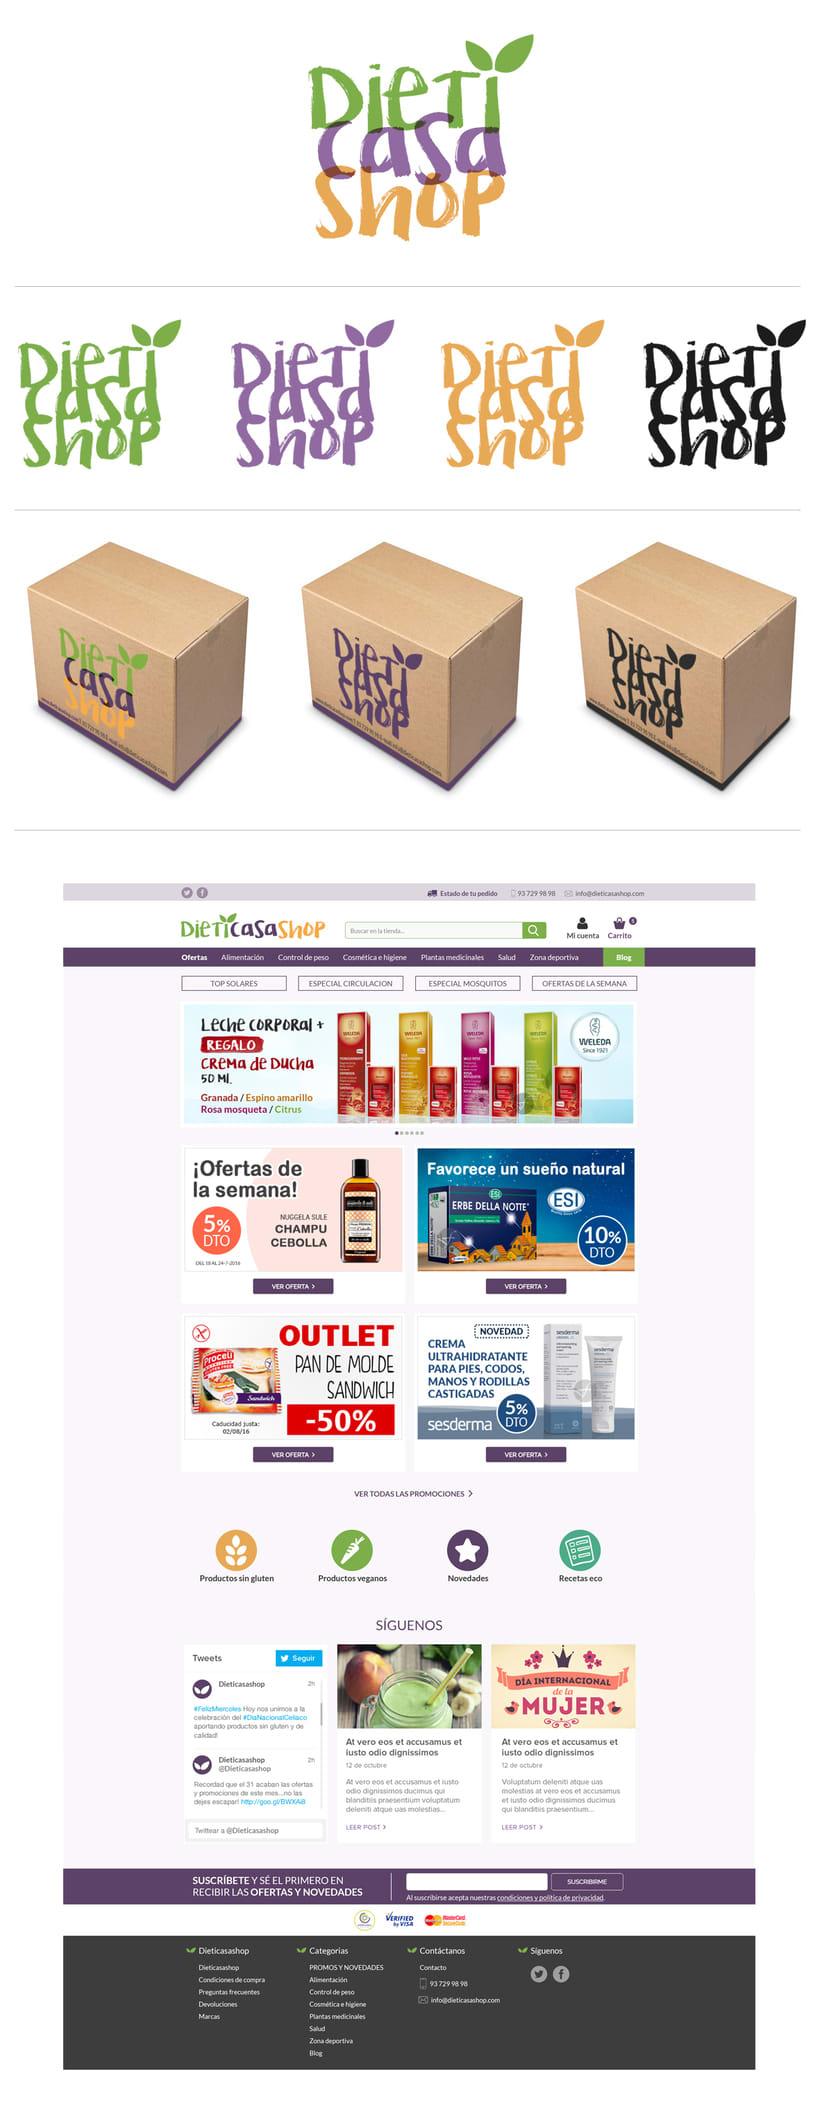 Diseño Logo y Web Dieticasashop -1